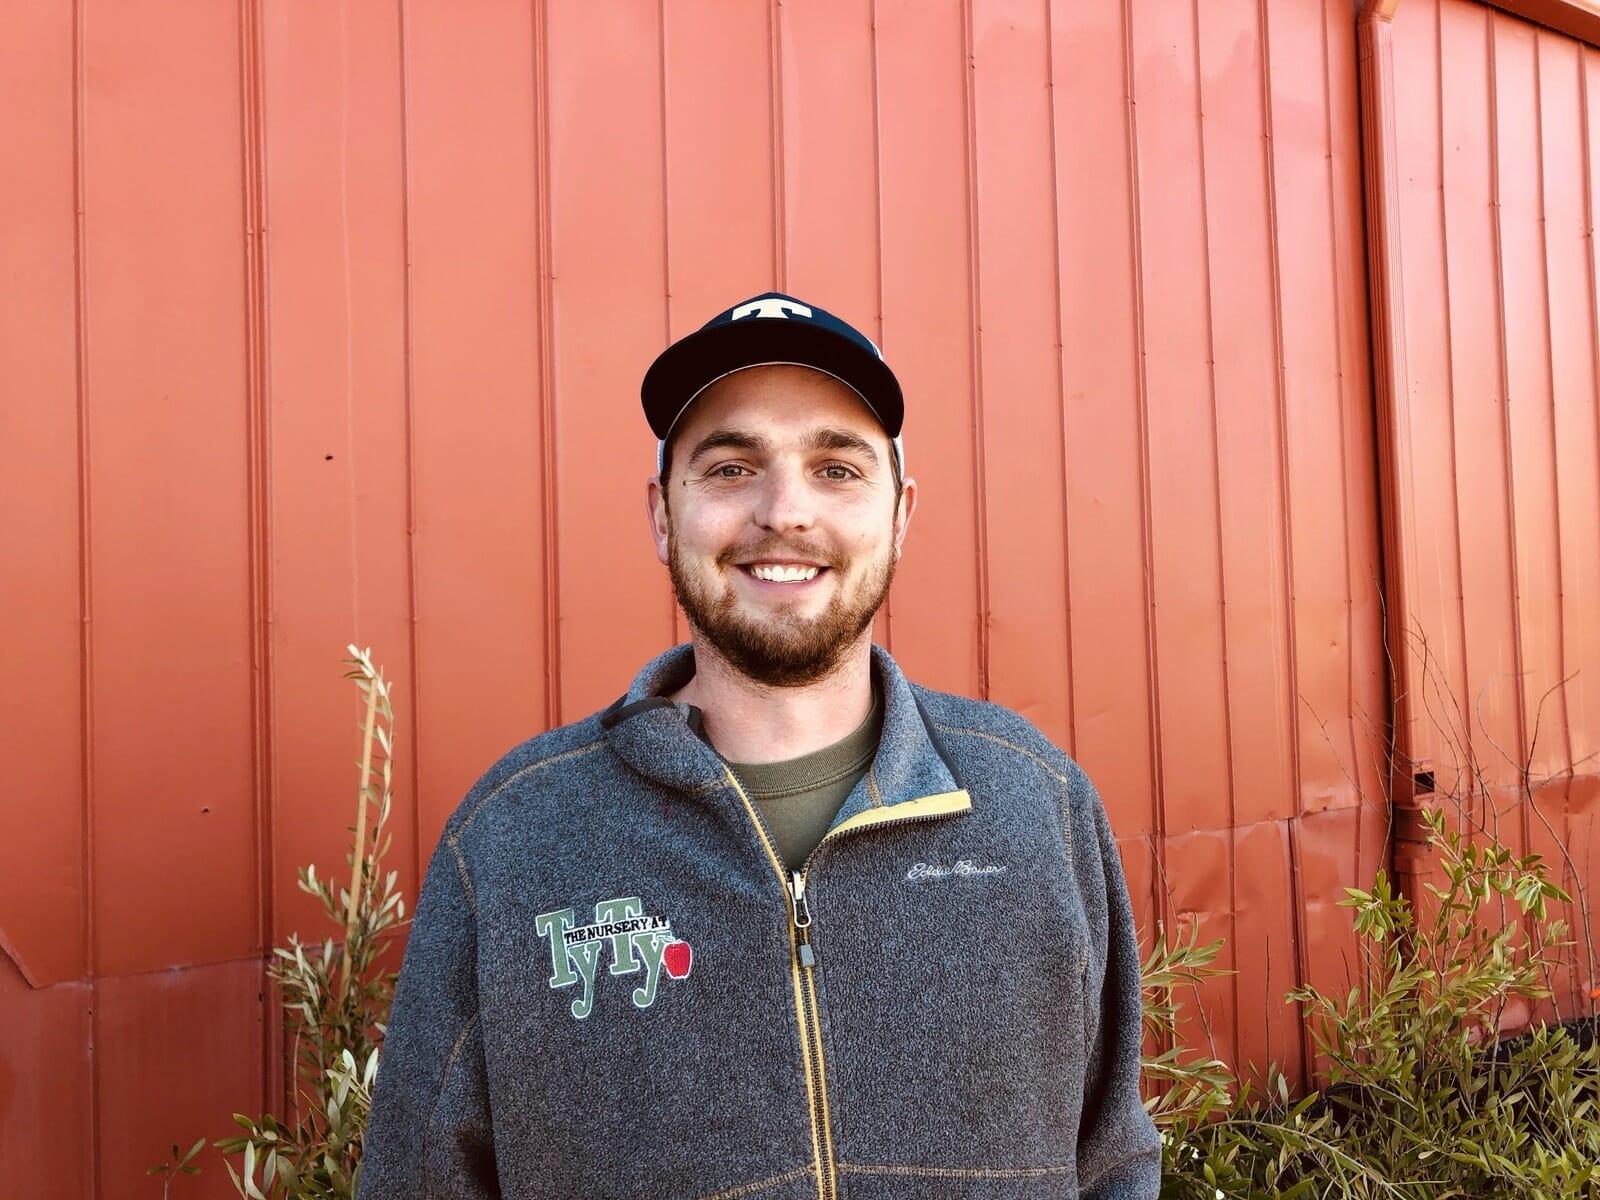 Ryan Phillips Owner Of Ty Nursery